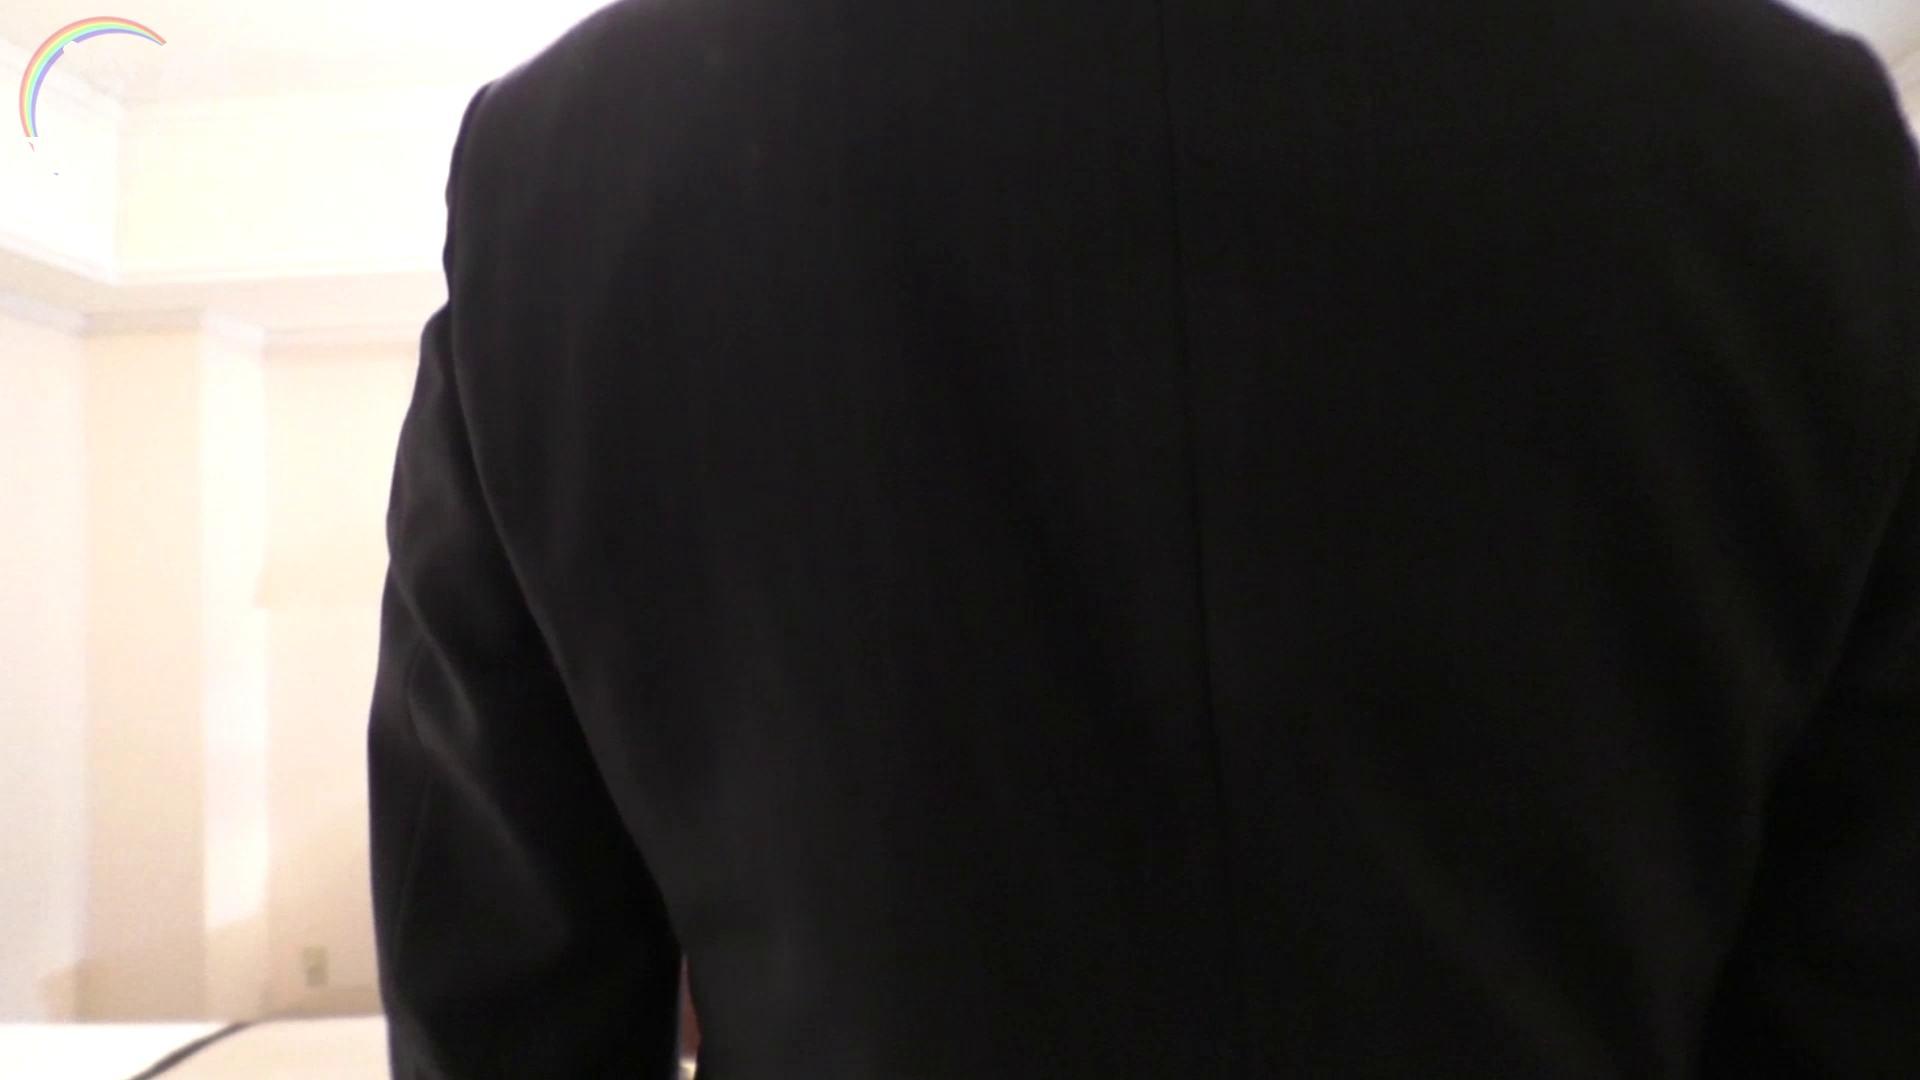 """【期間限定配信】キャバクラの仕事は""""アナル""""から2 Vol.02 アナル ゲイザーメン画像 102枚 28"""